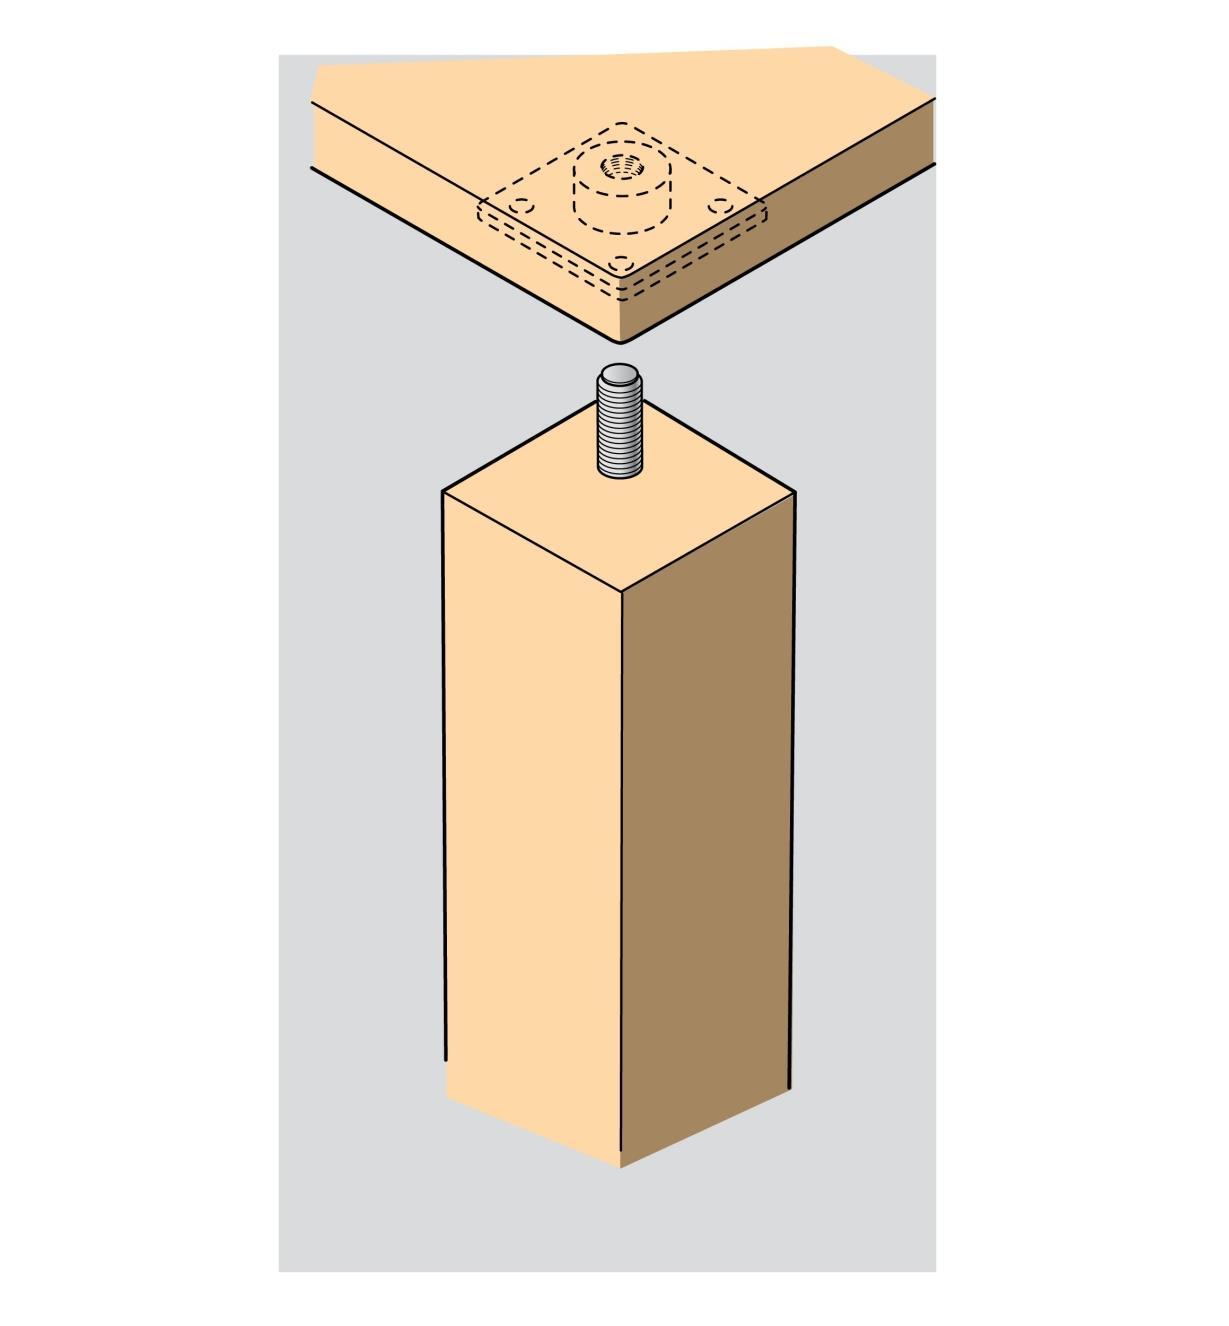 00H3350 - Plaques de fixation carrées pour pattes de meuble, le paquet de 4